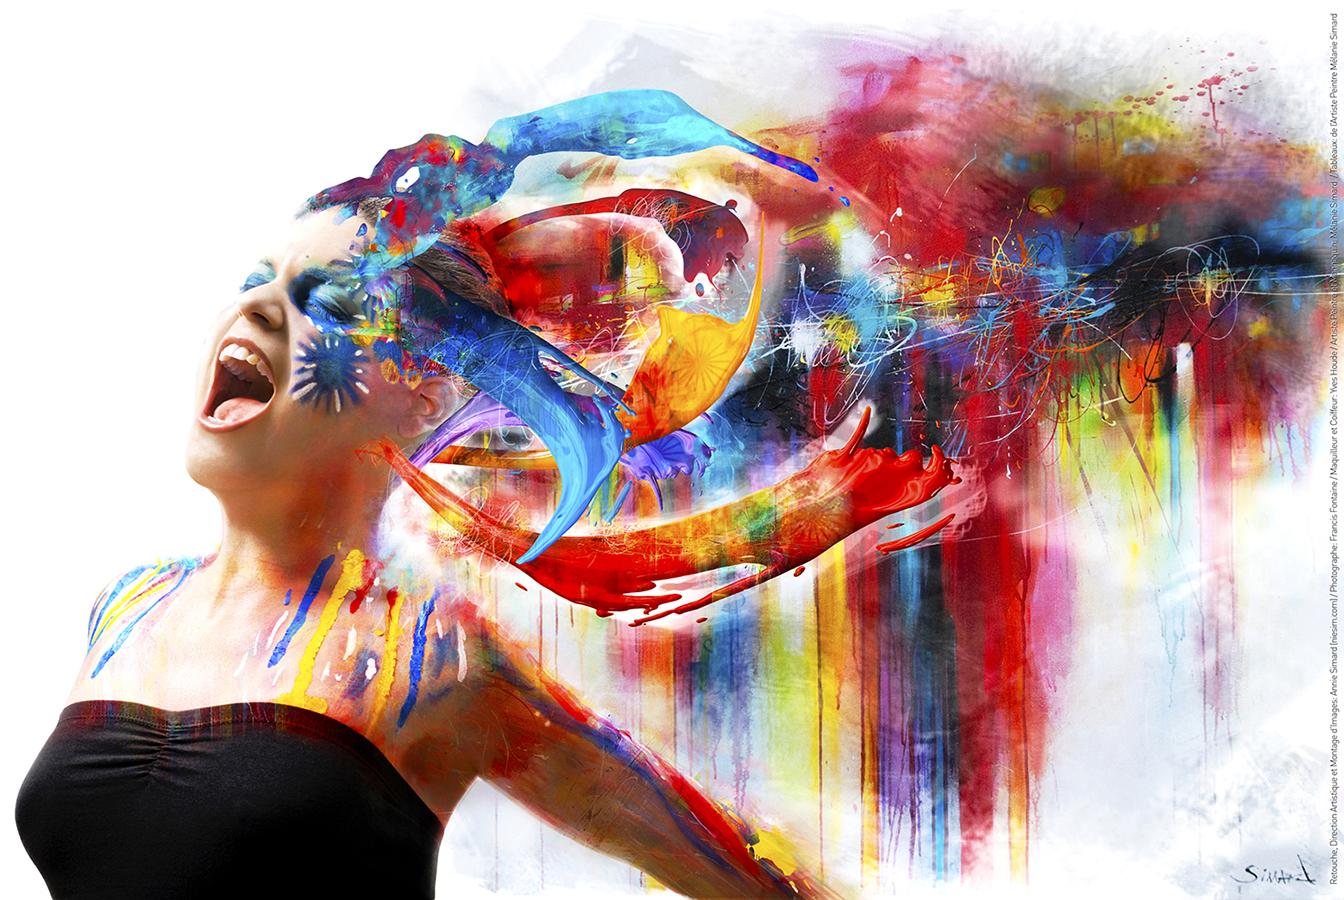 Créatif « L'appel des émotions » ©